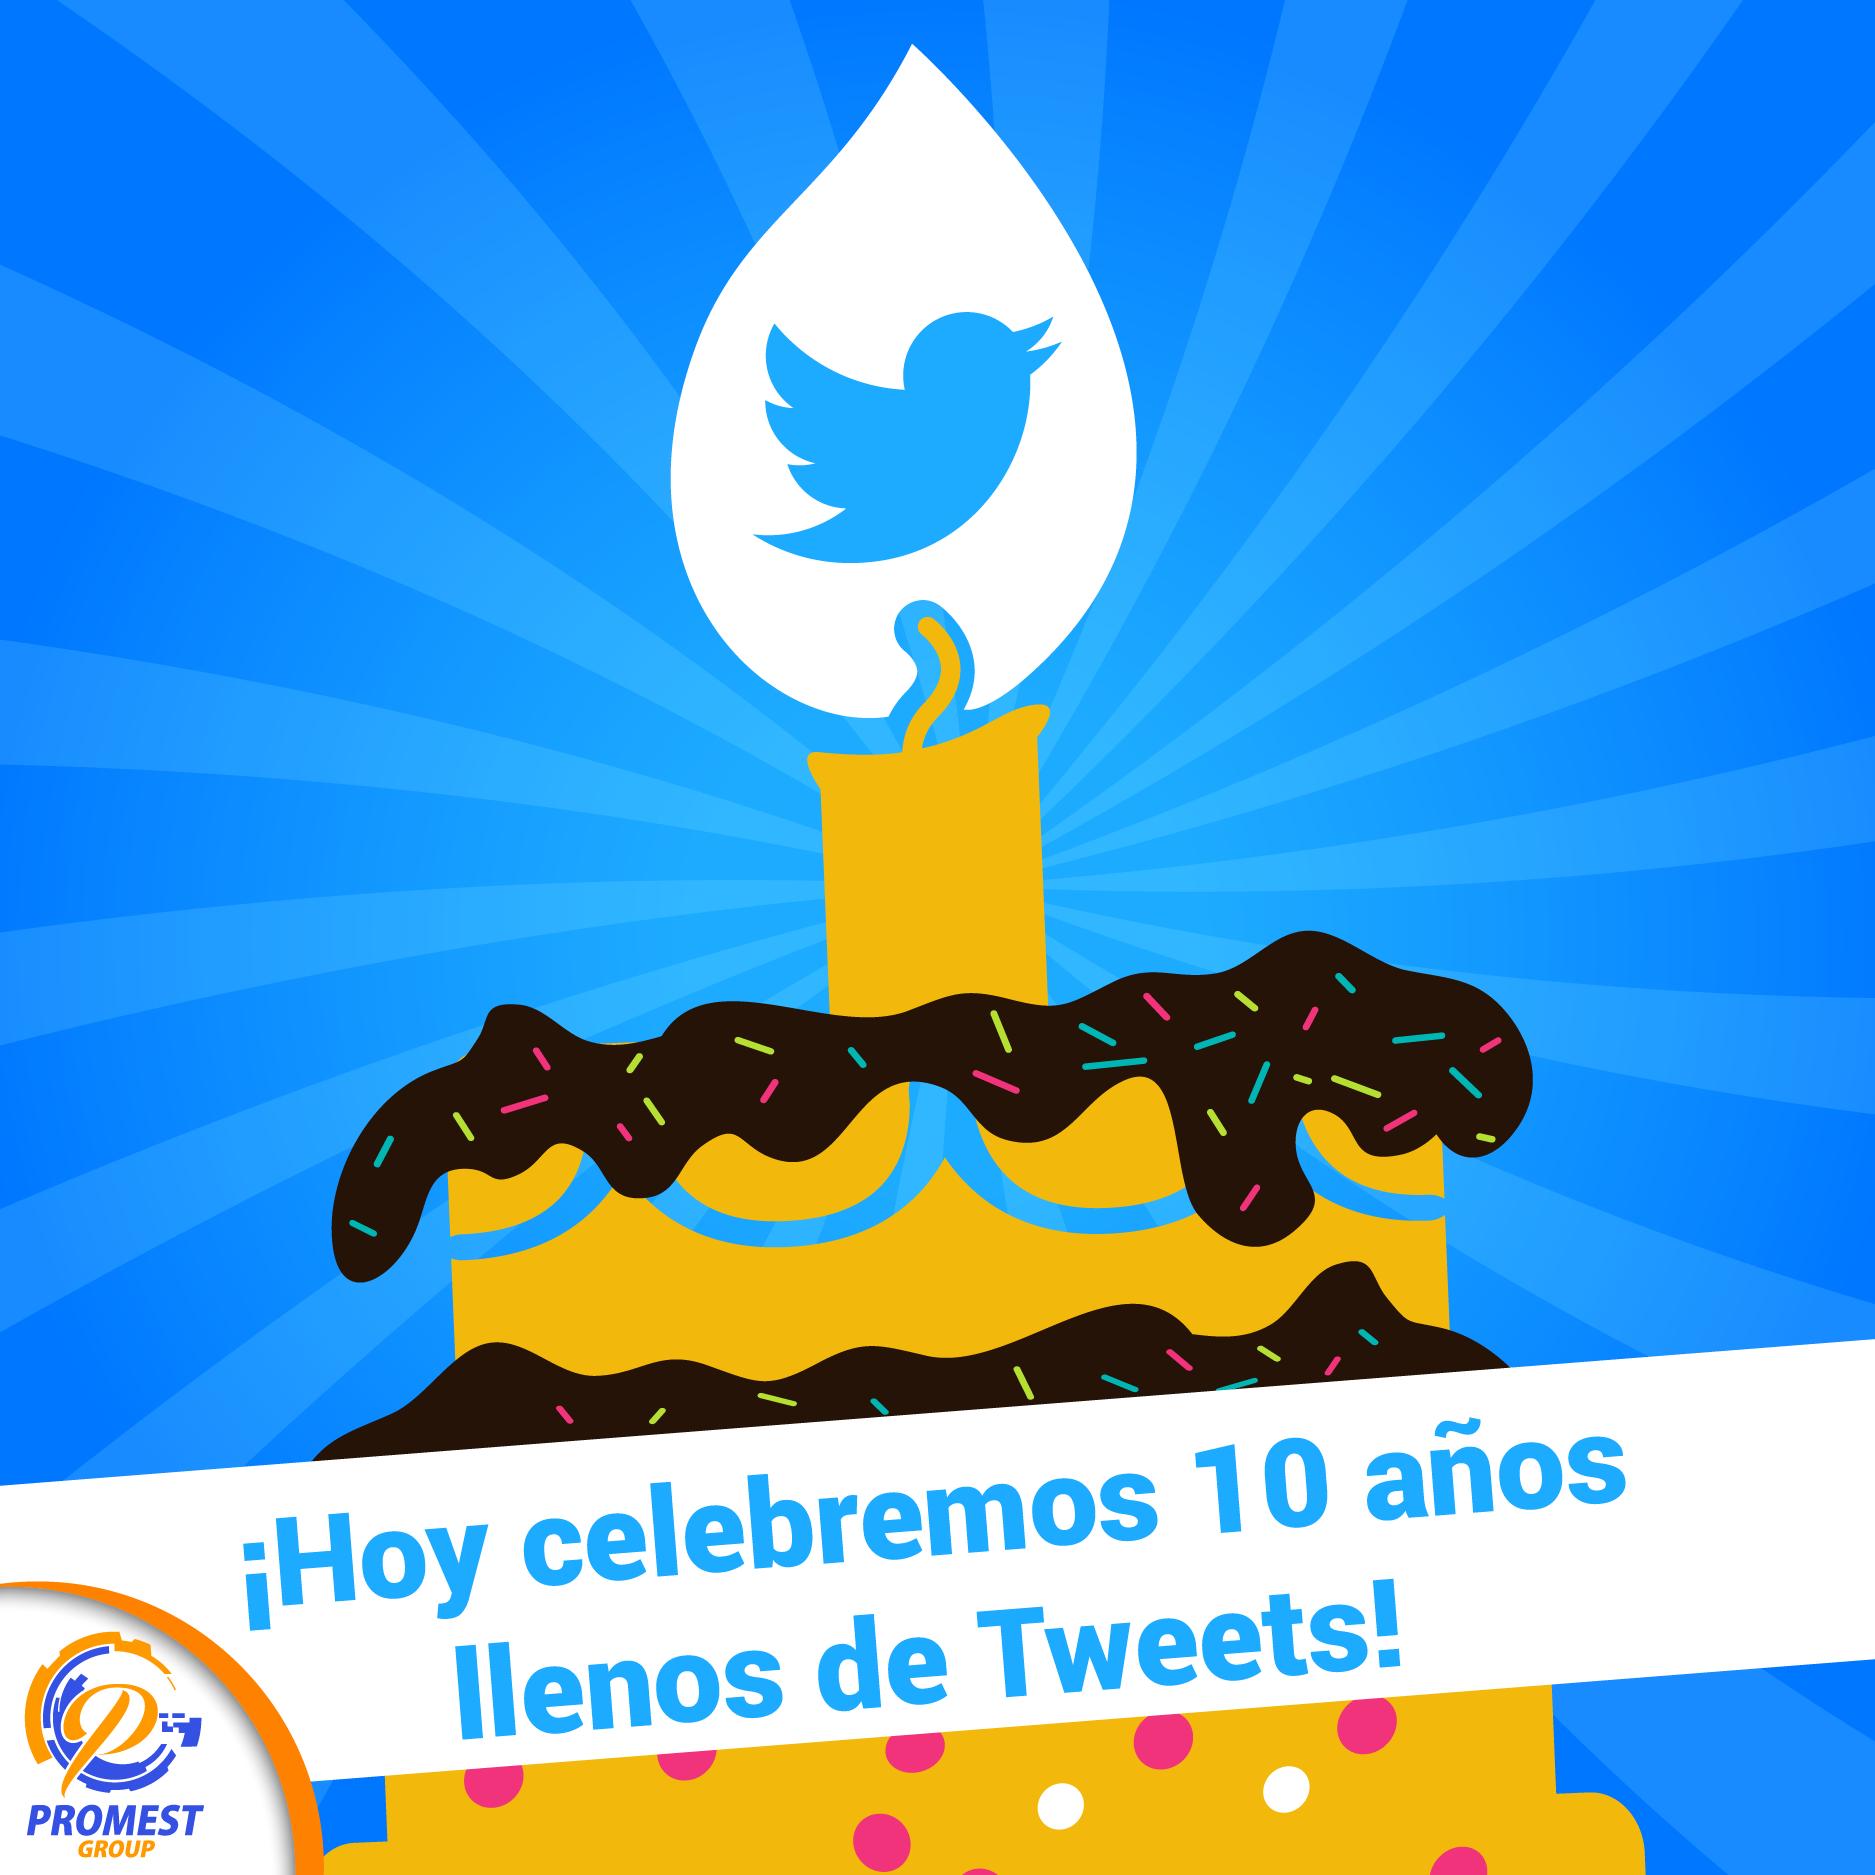 Hoy #twitter esta de #Aniversario y en Promest Group celebramos sus 10 años llenos de tweets!!! #siguenos en #twitter @PromestGroup